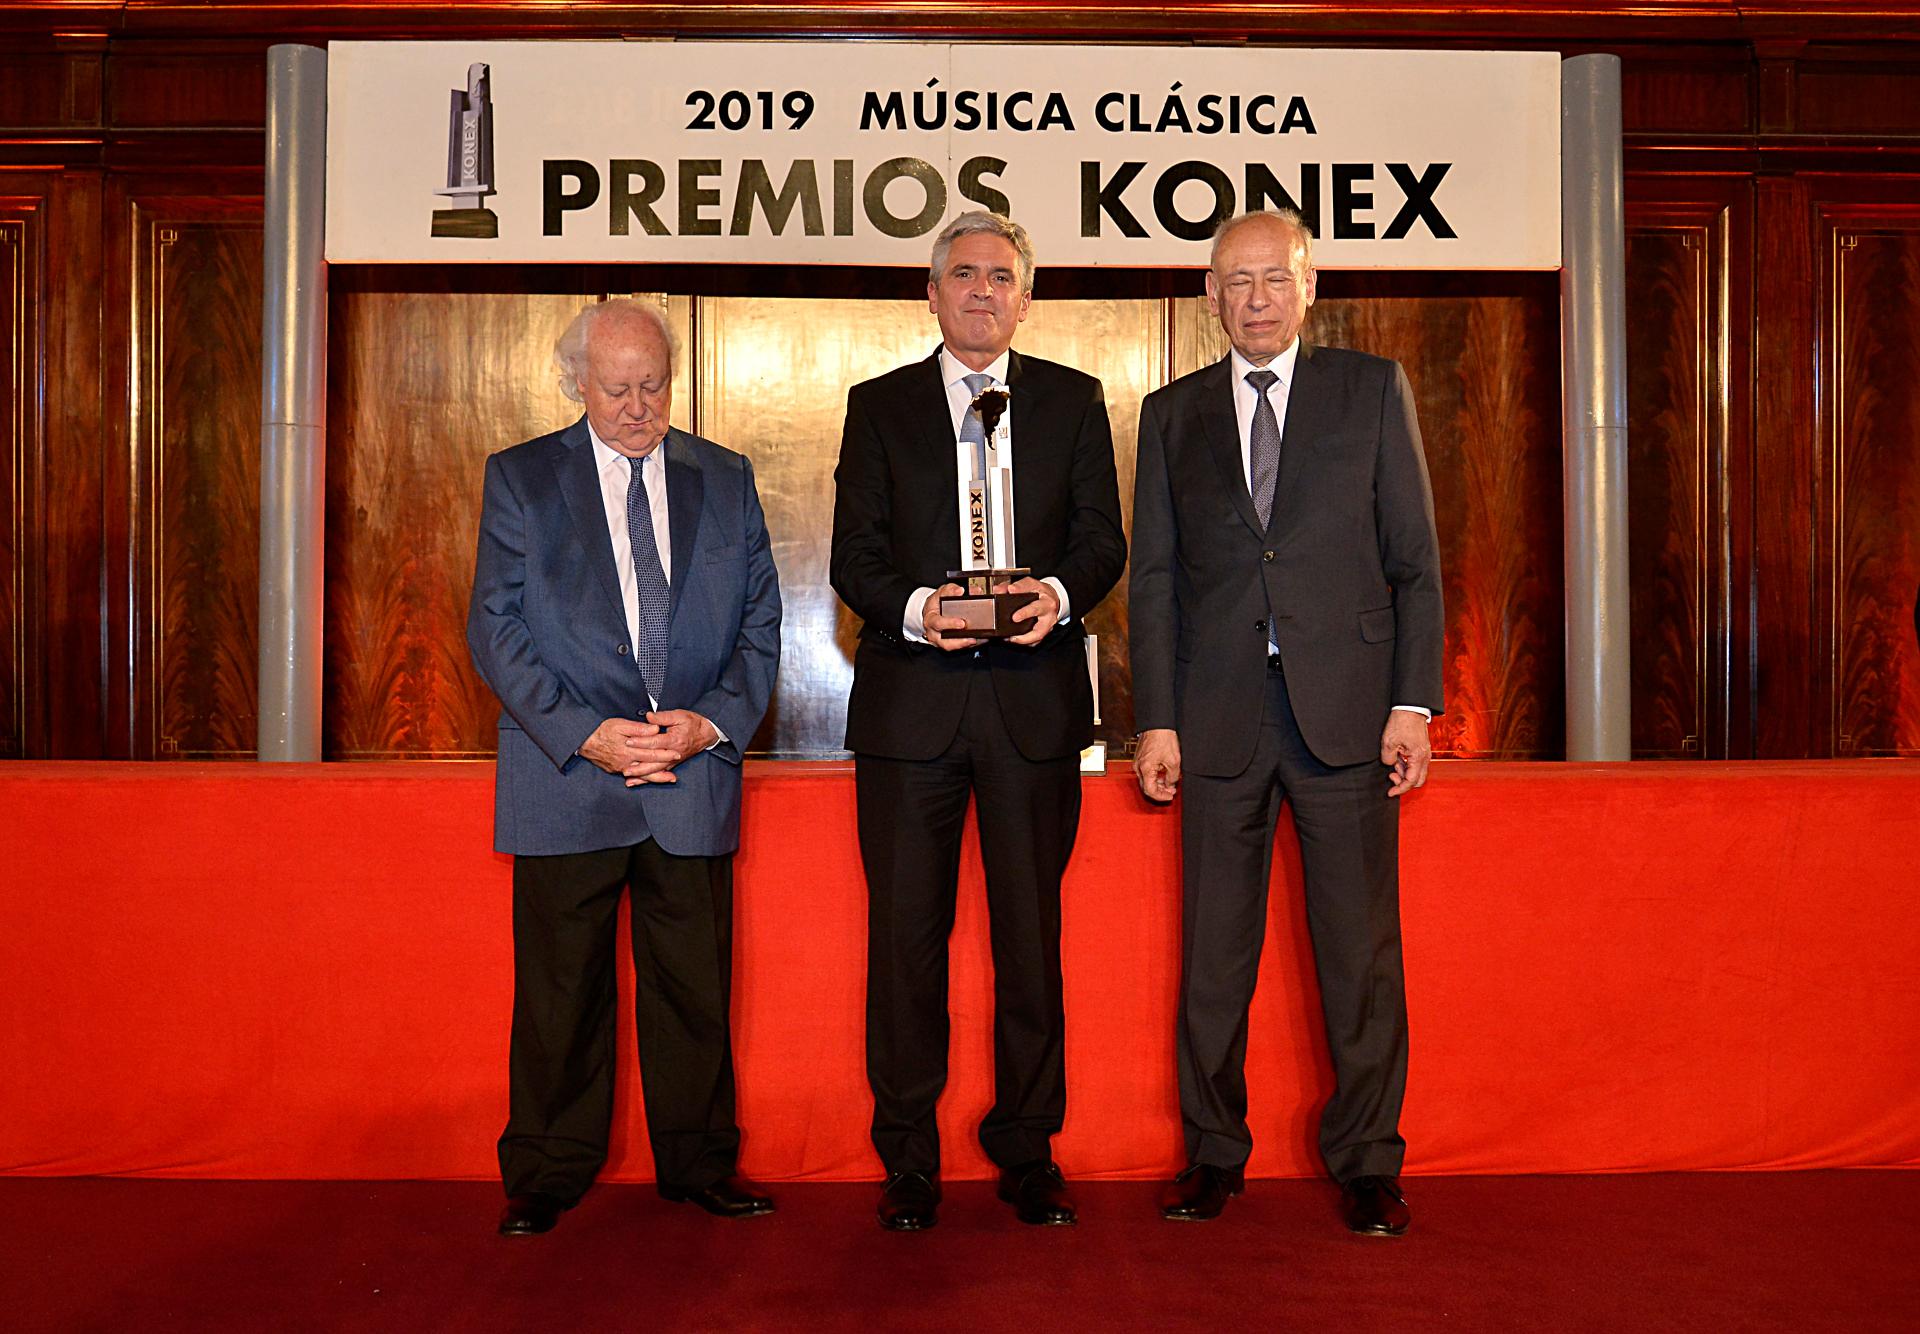 Juan Diego Flórez no pudo estar en la ceremonia y el embajador de Perú en Argentina, Peter Camino Cannock, recibió el galardón